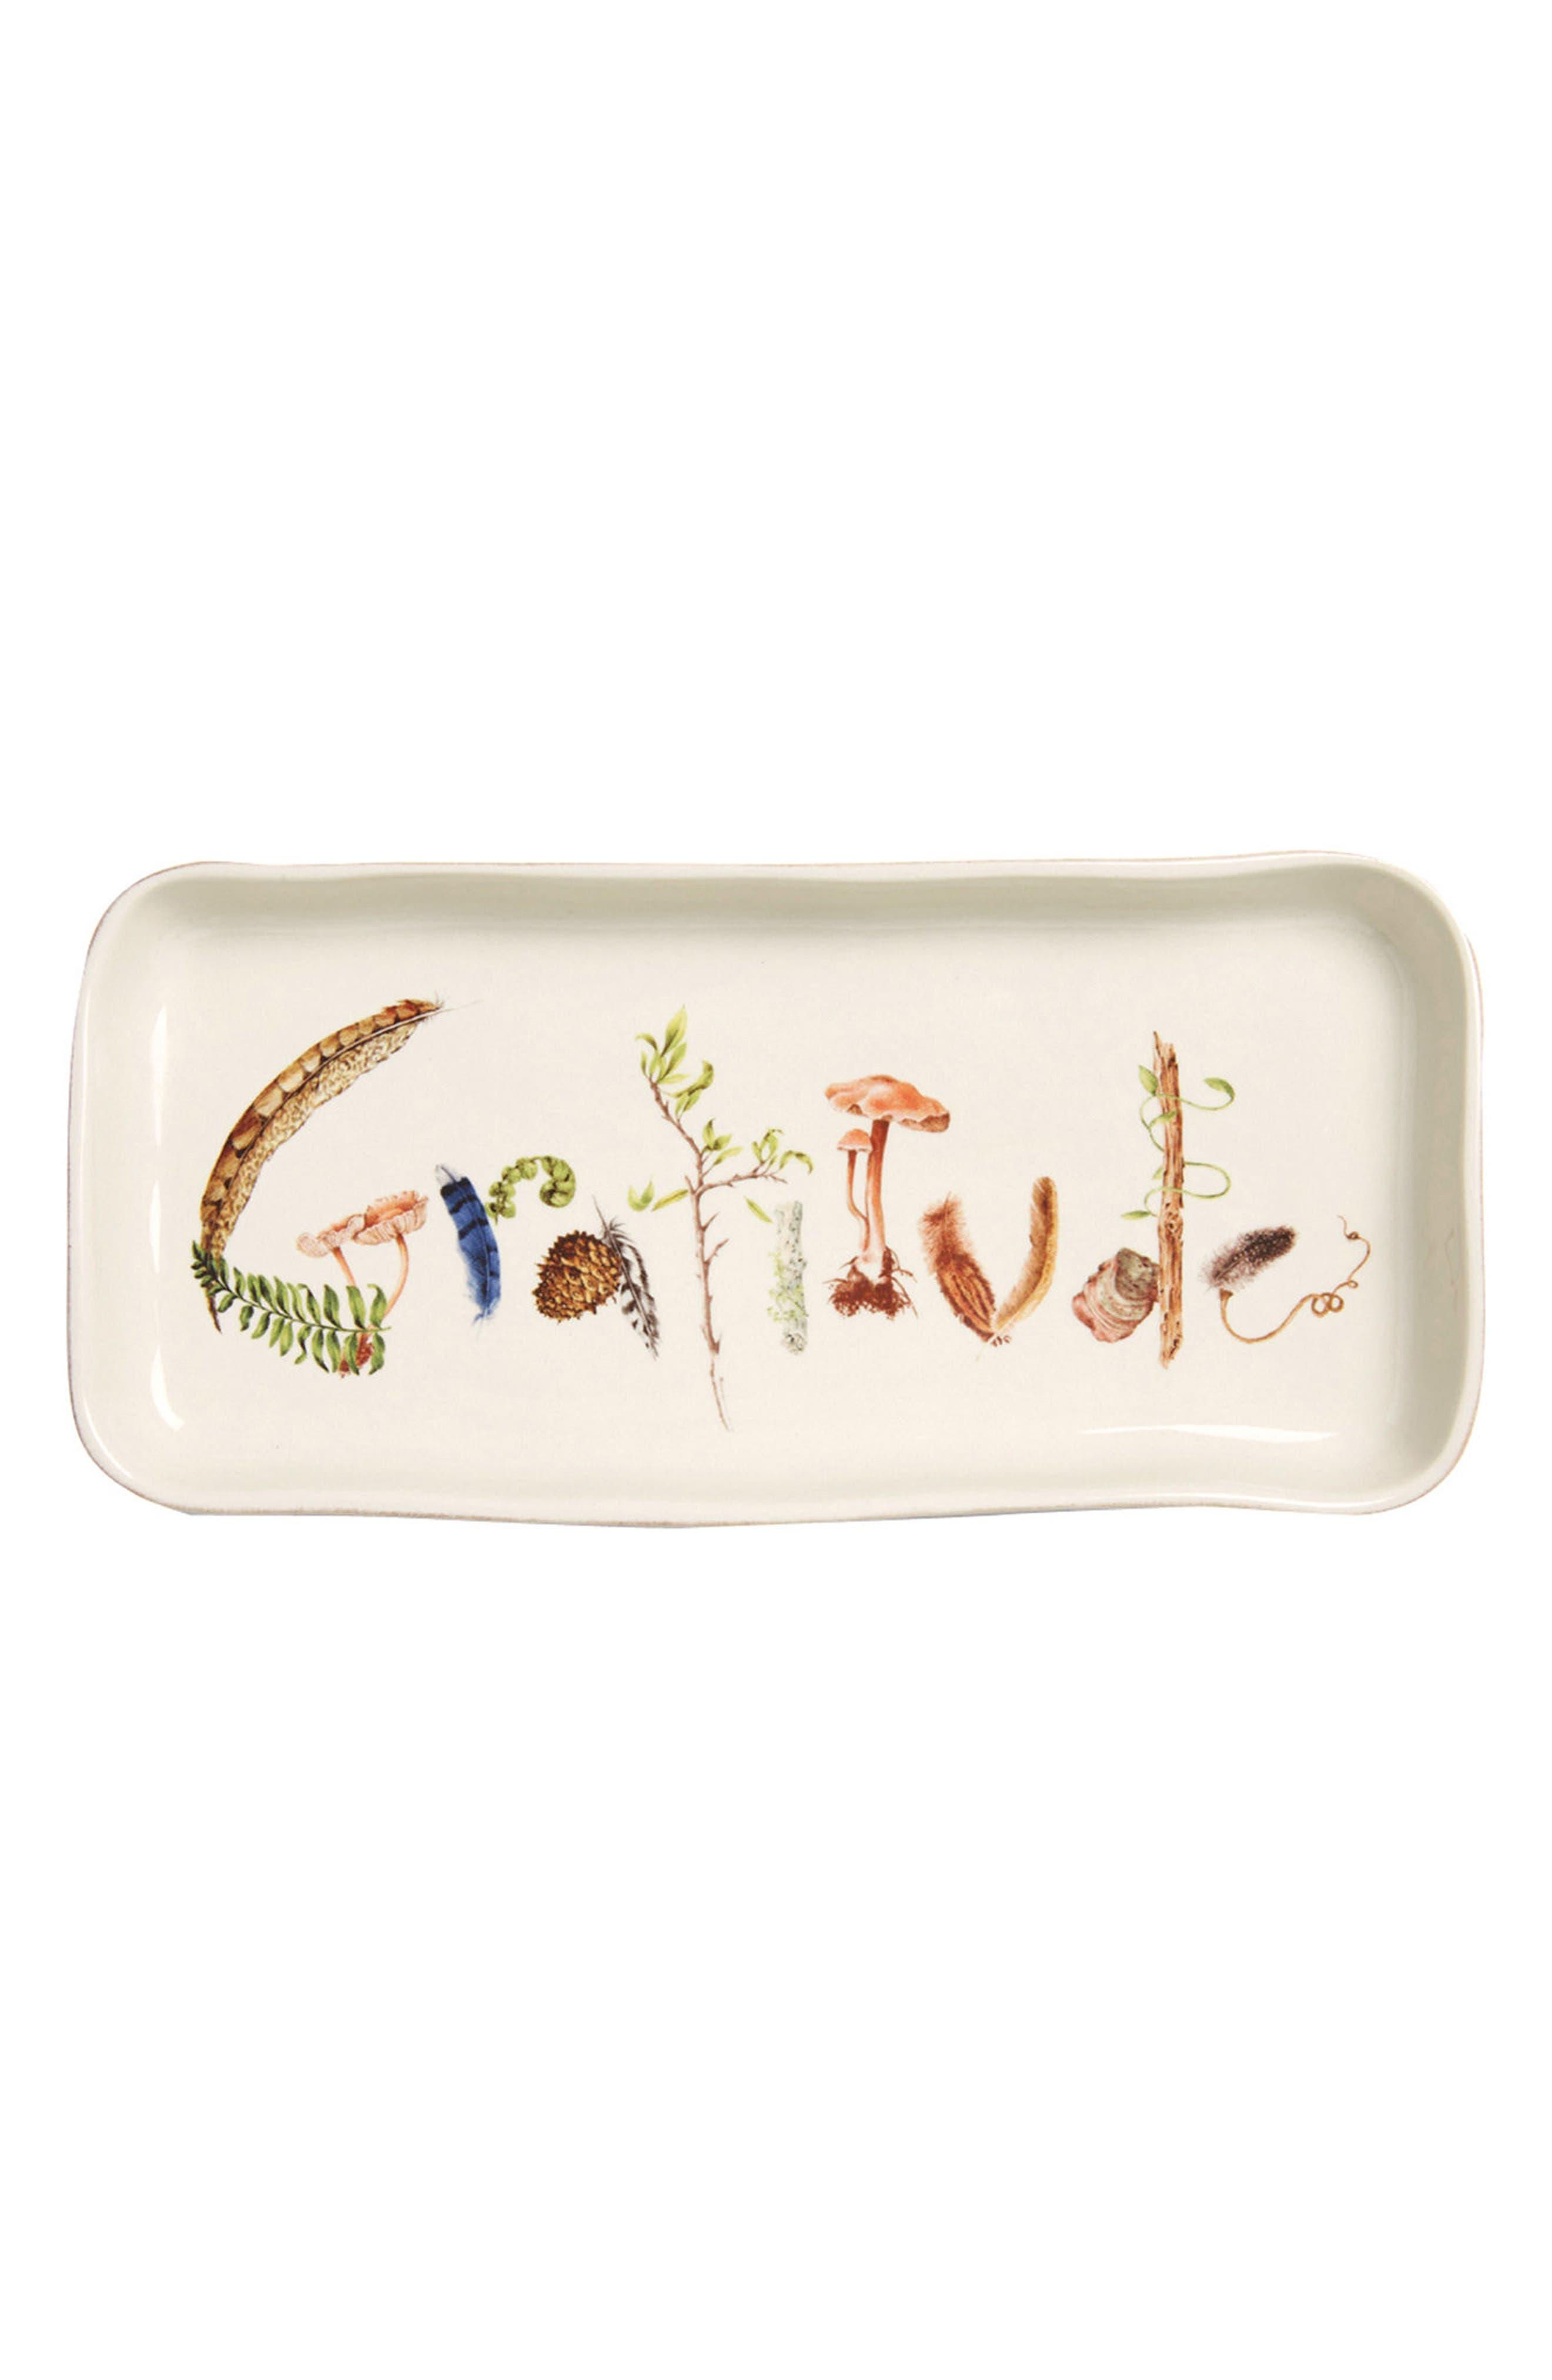 Forest Walk Gratitude Ceramic Tray,                             Main thumbnail 1, color,                             CAF AU LAIT